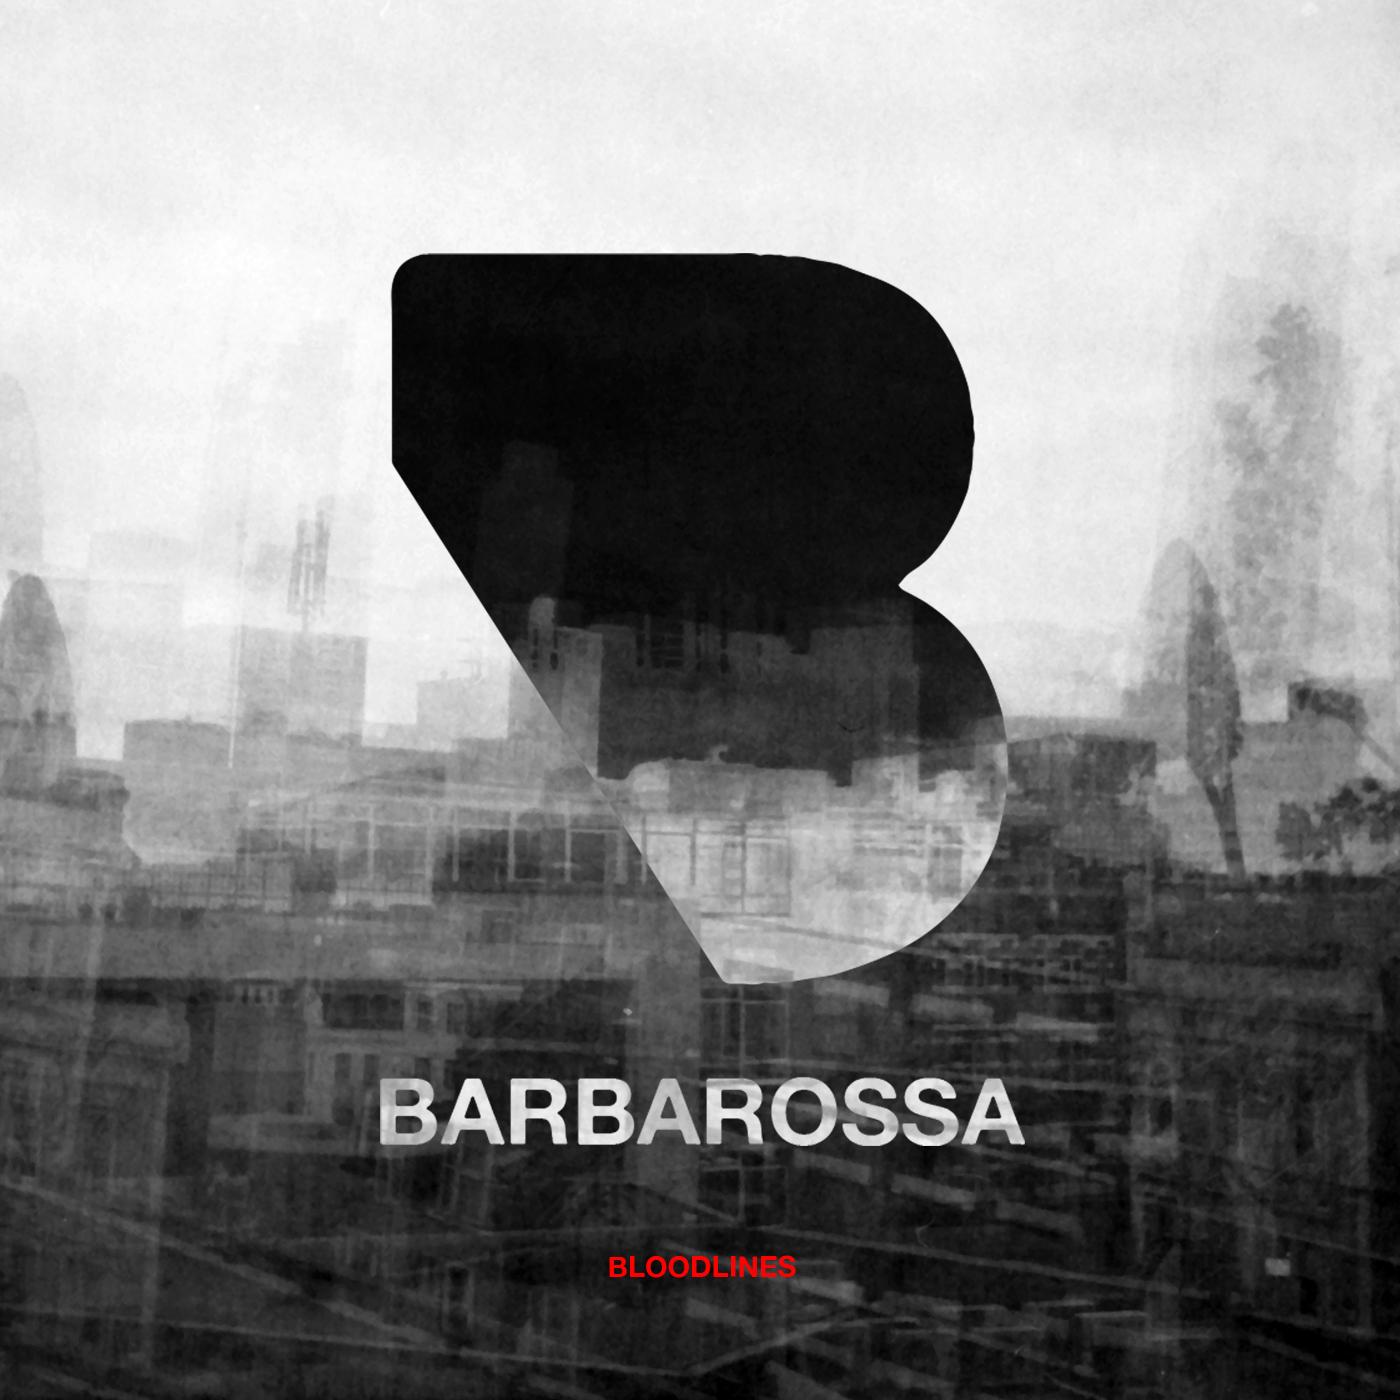 Barbarossa - Bloodlines - Vinyl - Barbarossa